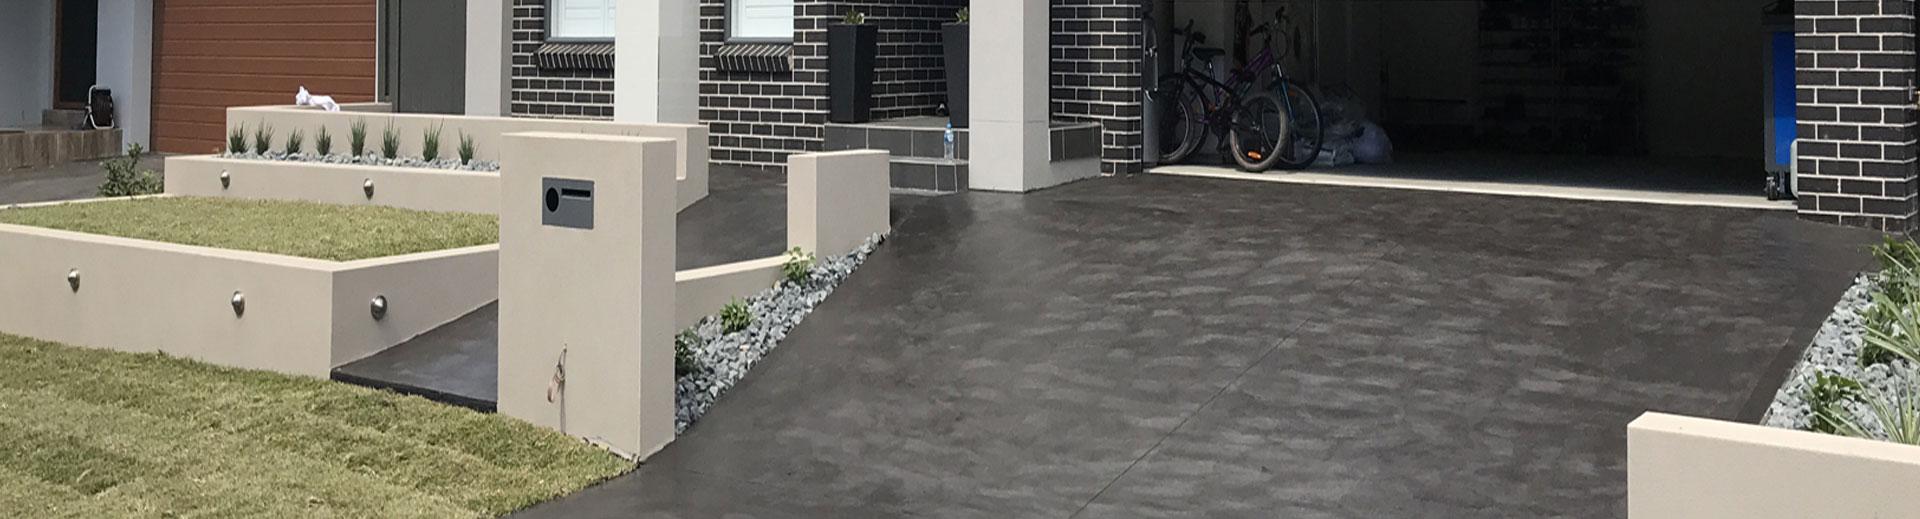 concrete-construction-projects-sydney